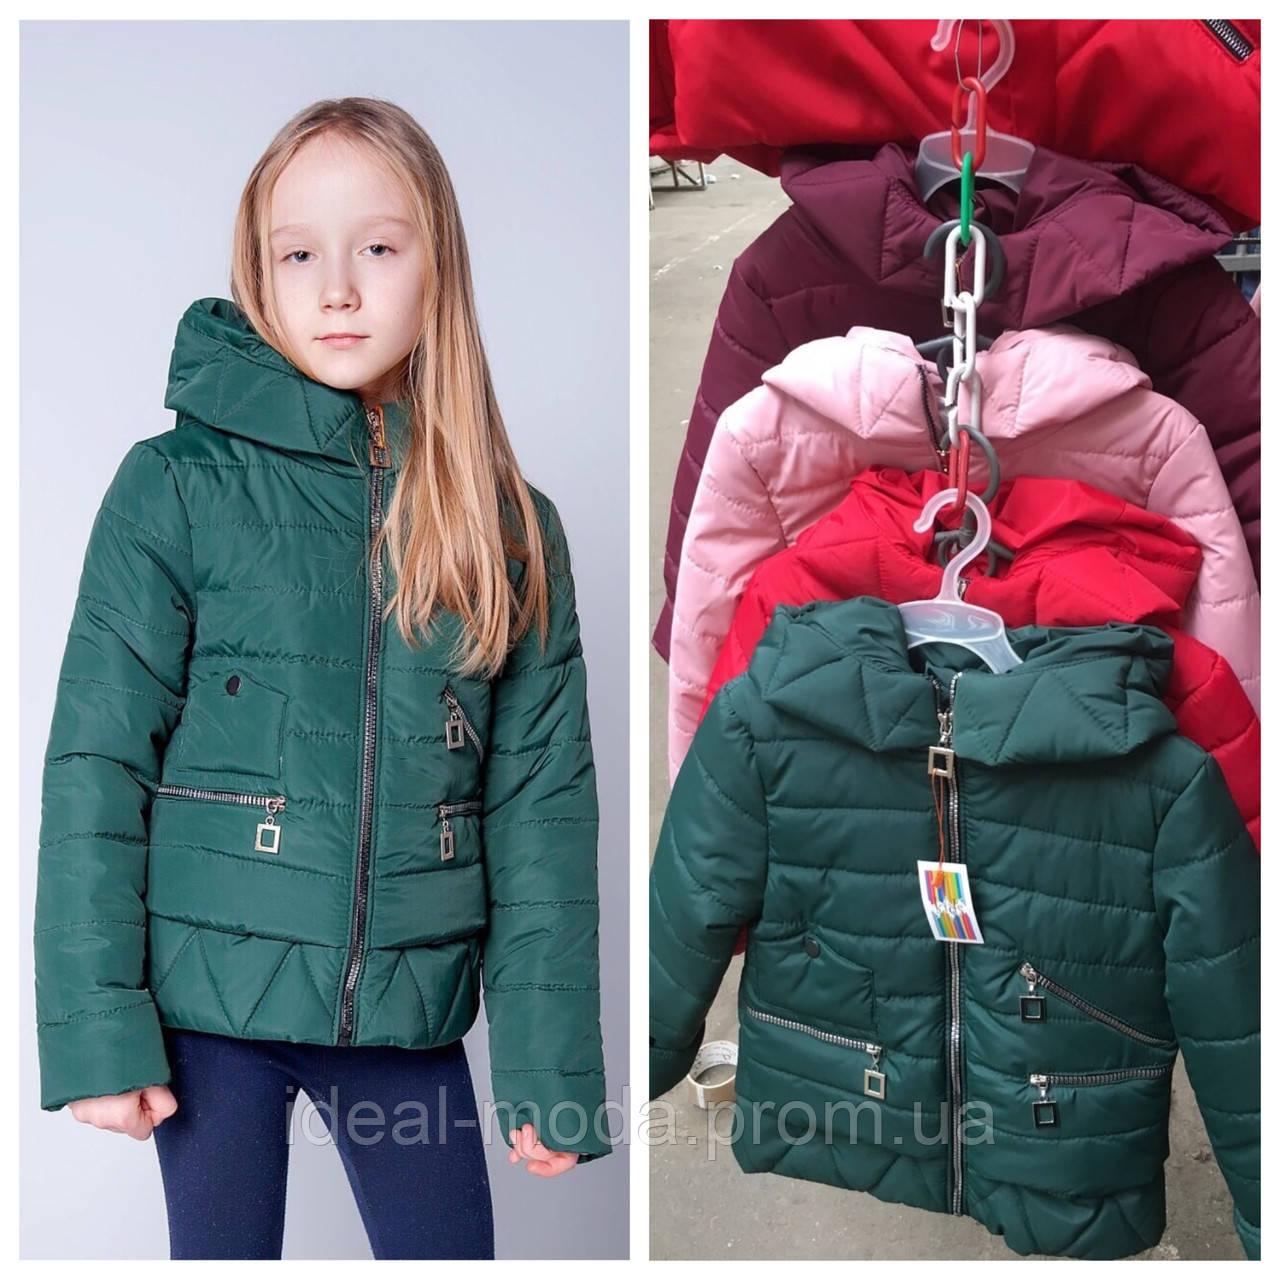 6682a492389 Детские куртки оптом весна-осень Сара 134-152р  продажа